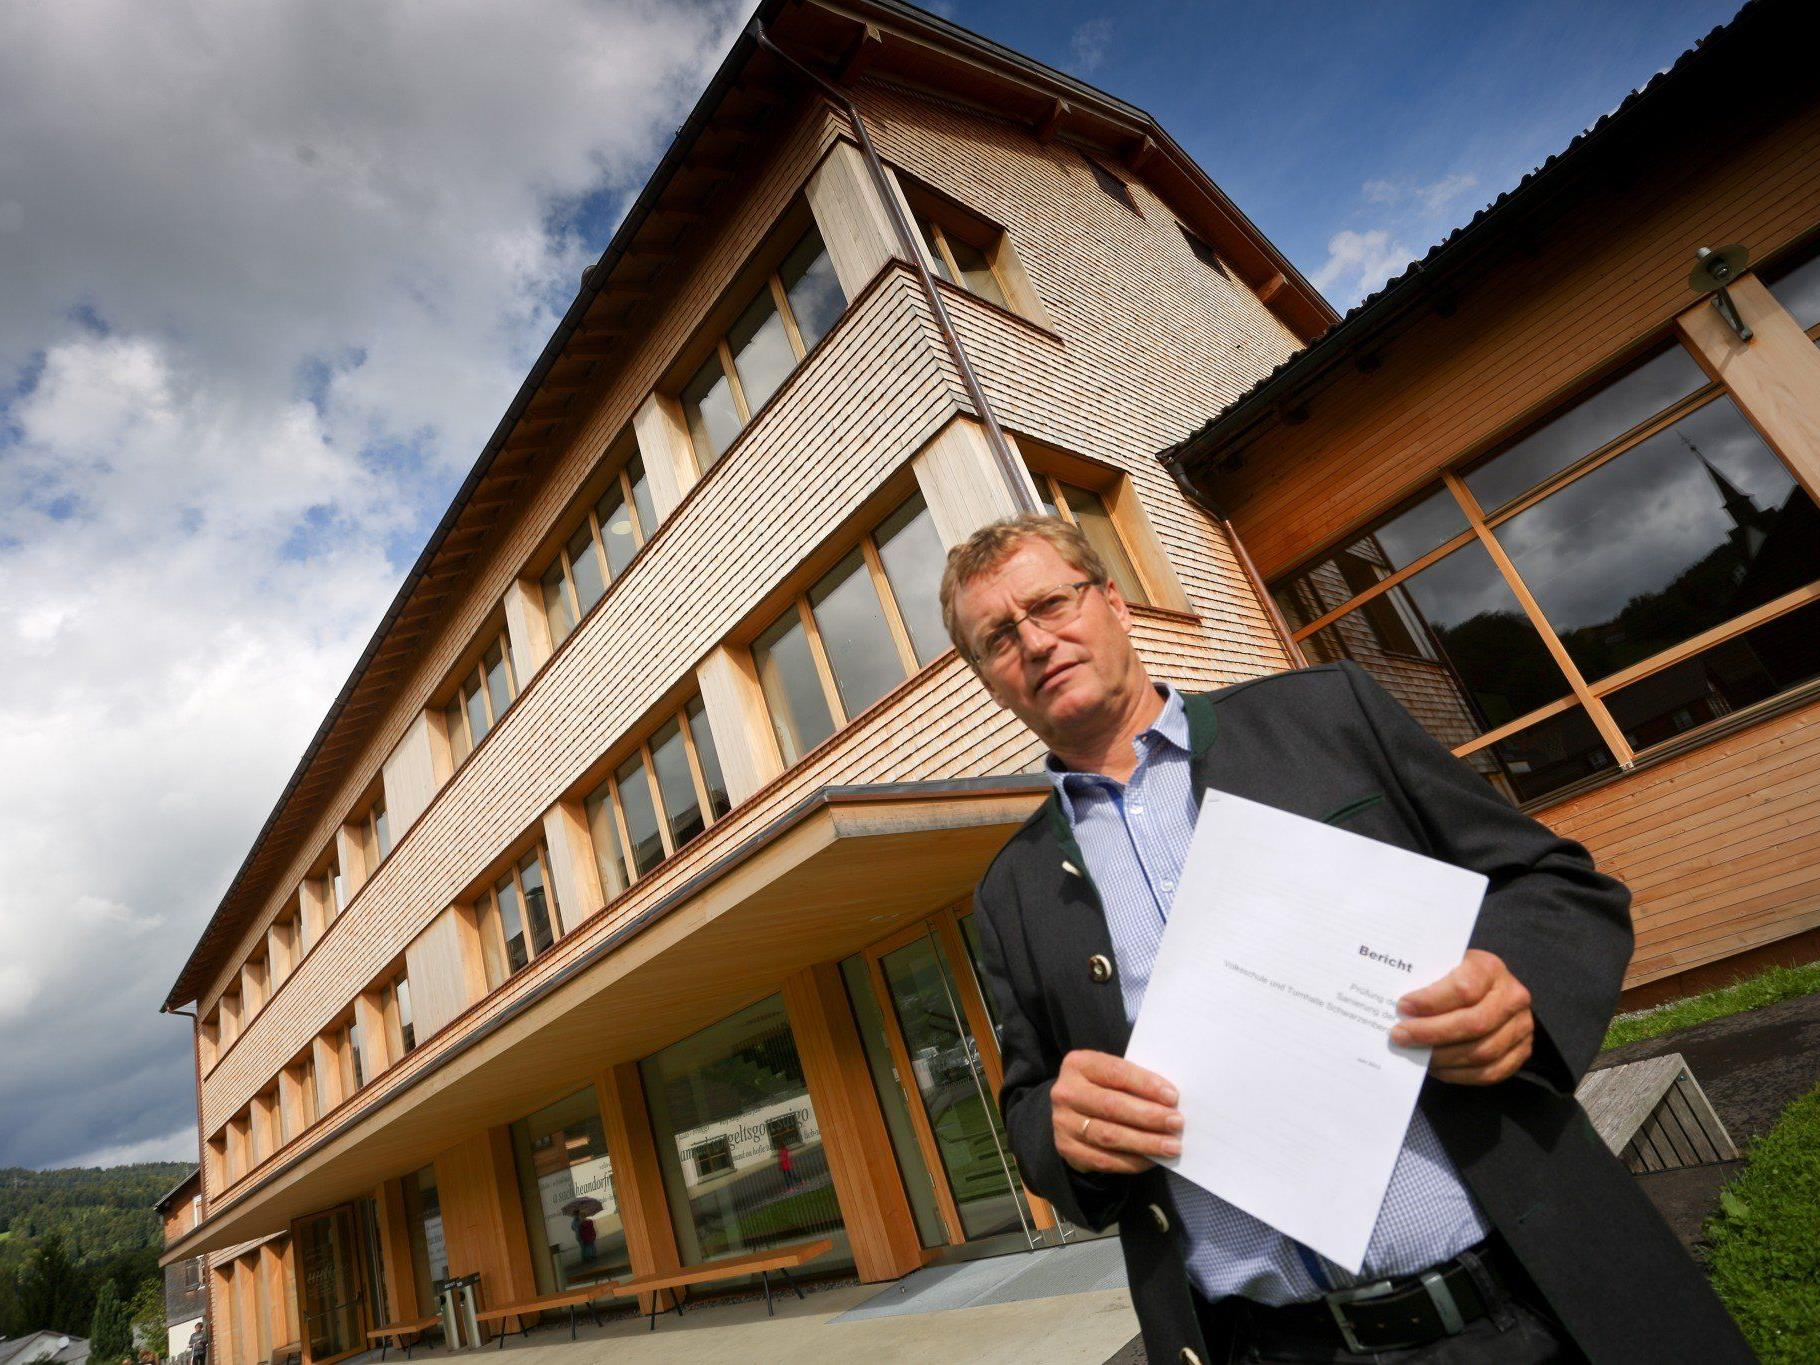 Bürgermeister Armin Berchtold will die Empfehlungen ernst nehmen.